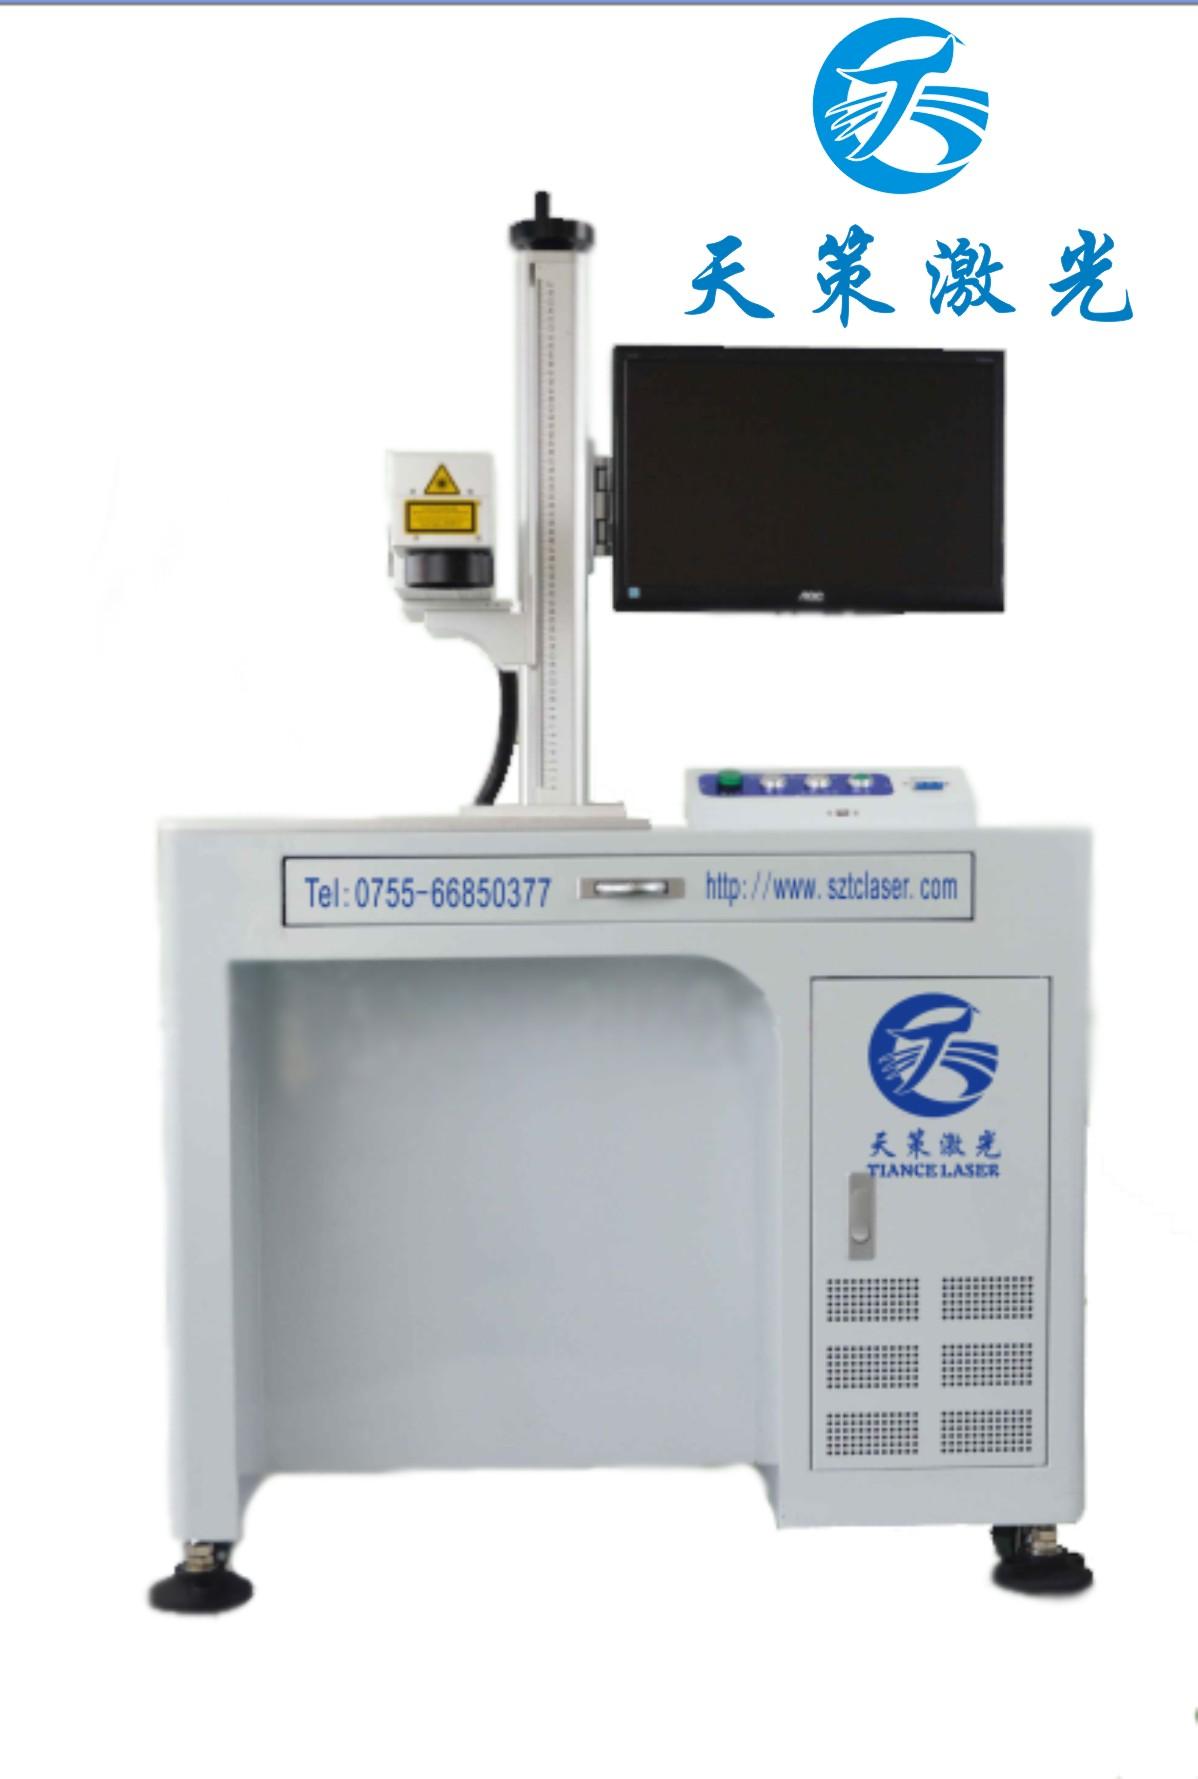 中山江门古镇灯博会LED灯具灯座驱动器激光打标机